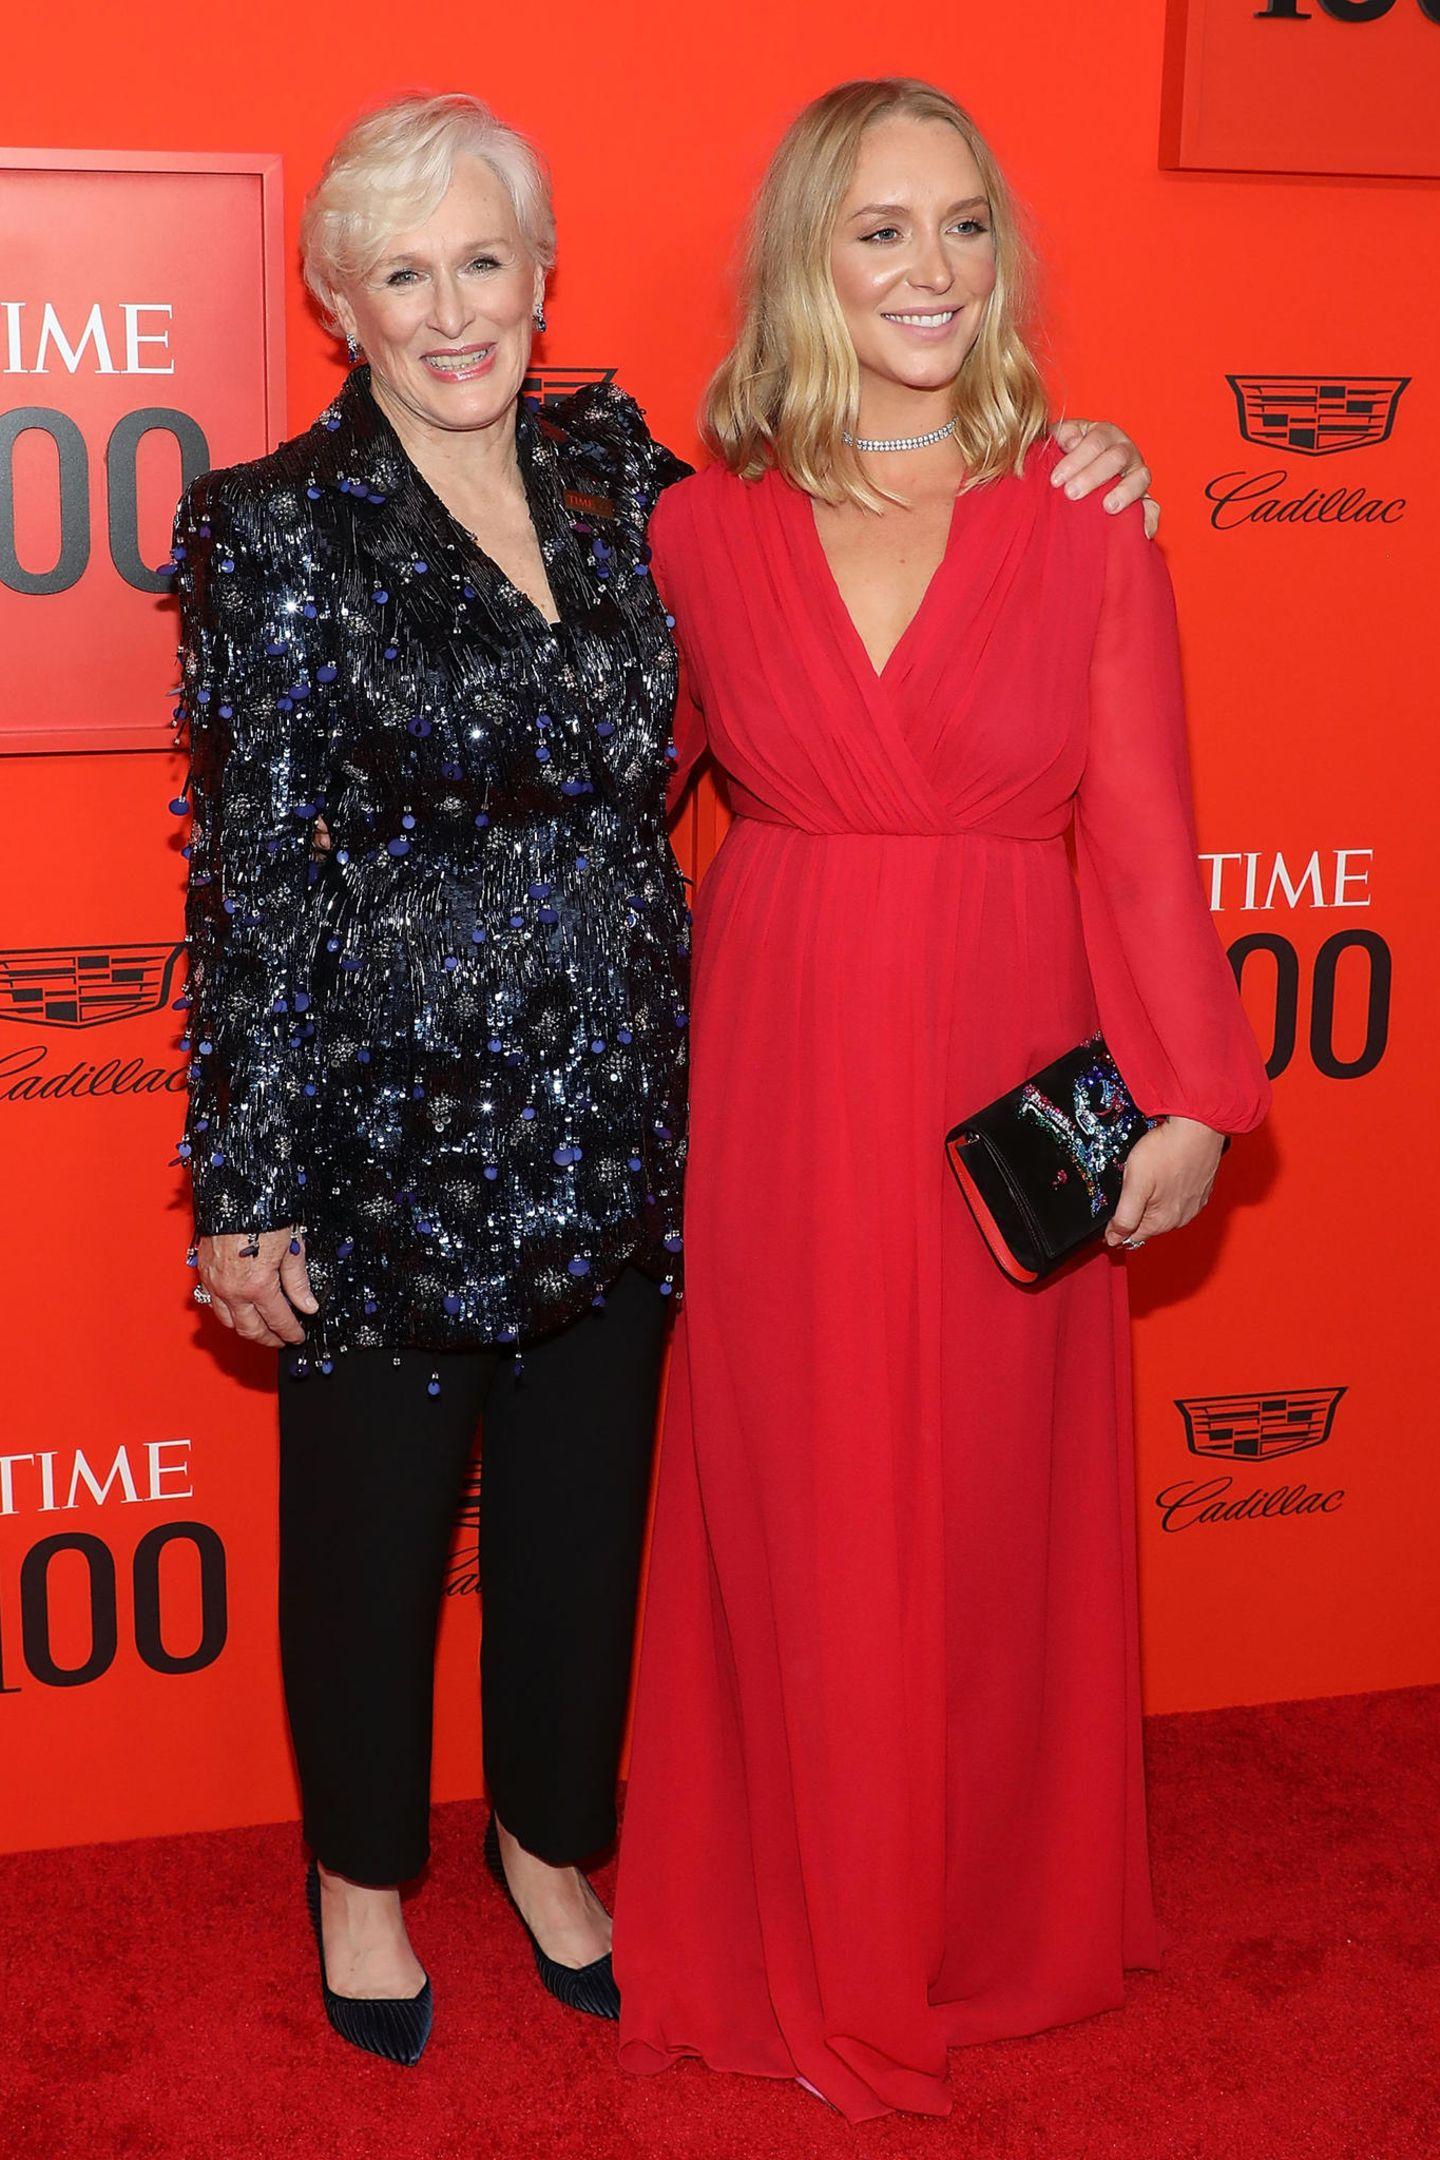 Zwei Frauen, ein Stil-Gen: Glenn Close und ihre schöne Tochter Annie Starke posieren gemeinsam für die Fotografen. Ihre Outfits sind zwar grundverschieden, harmonieren aber wunderbar miteinander.